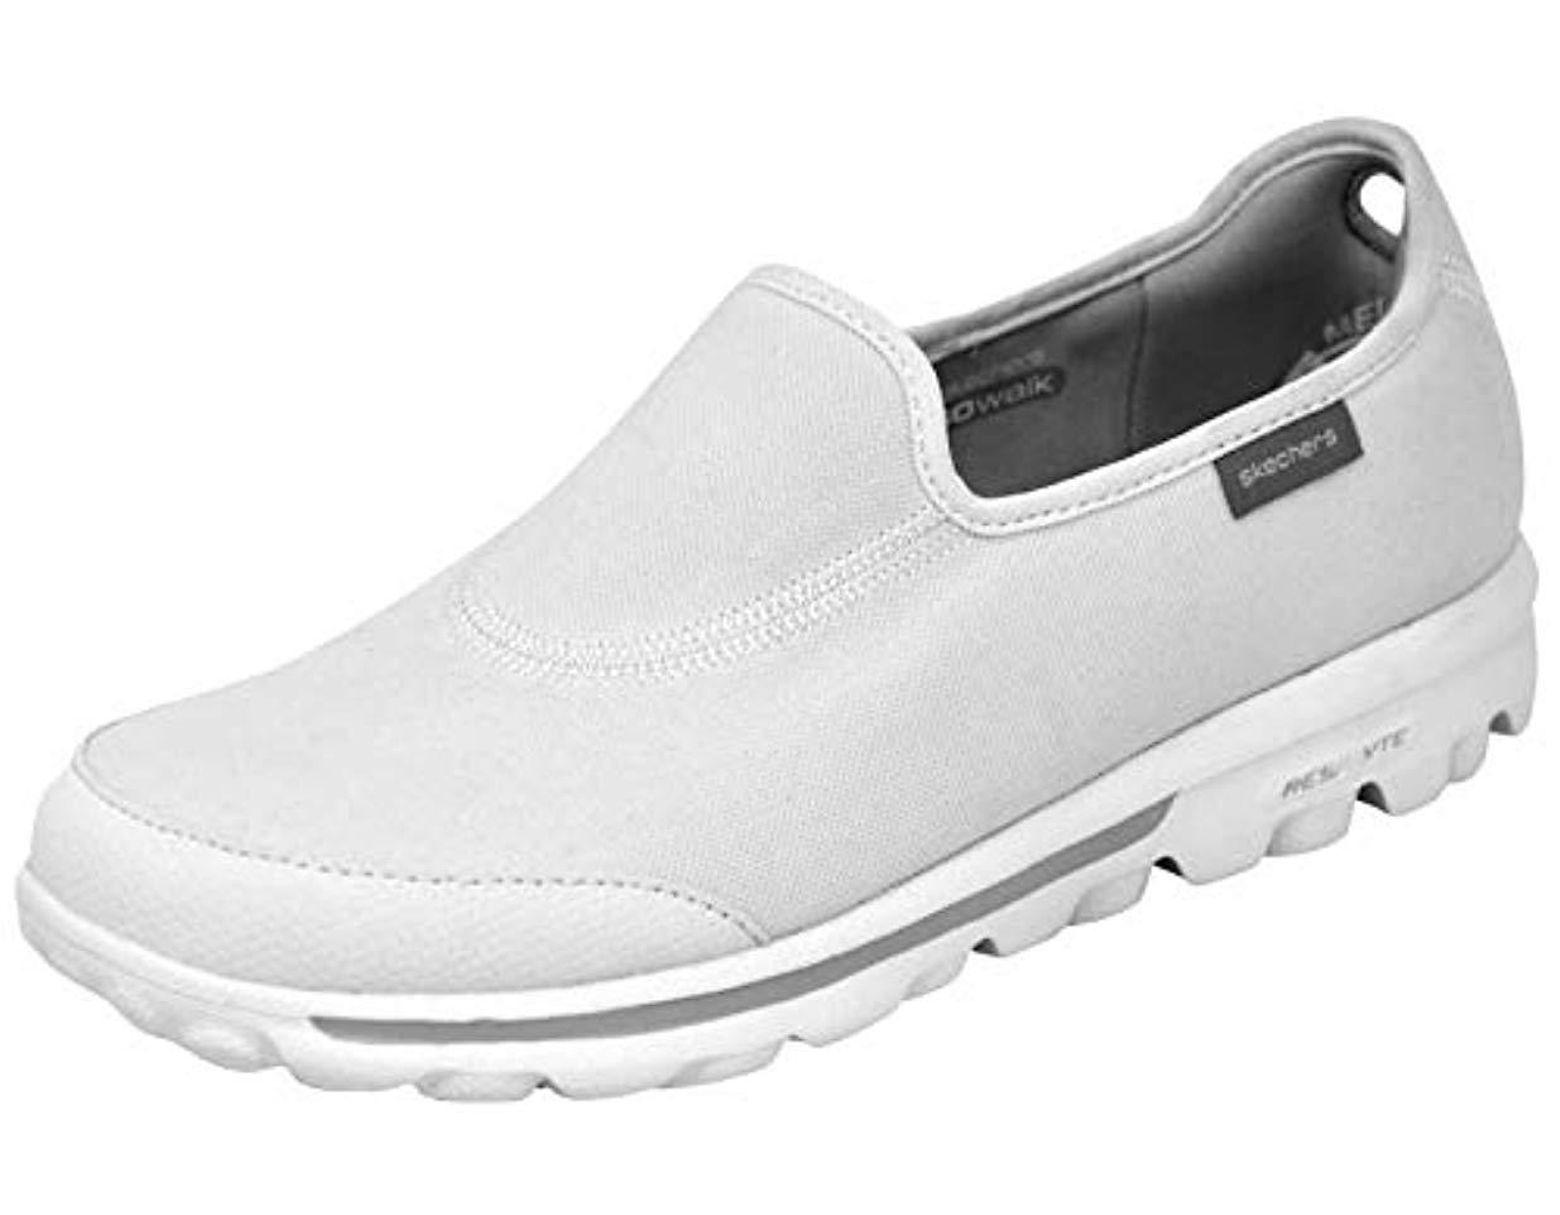 9faafcd00e5d4 Skechers Performance Go Walk Impress Memory Foam Slip-on Walking Shoe in  White - Lyst